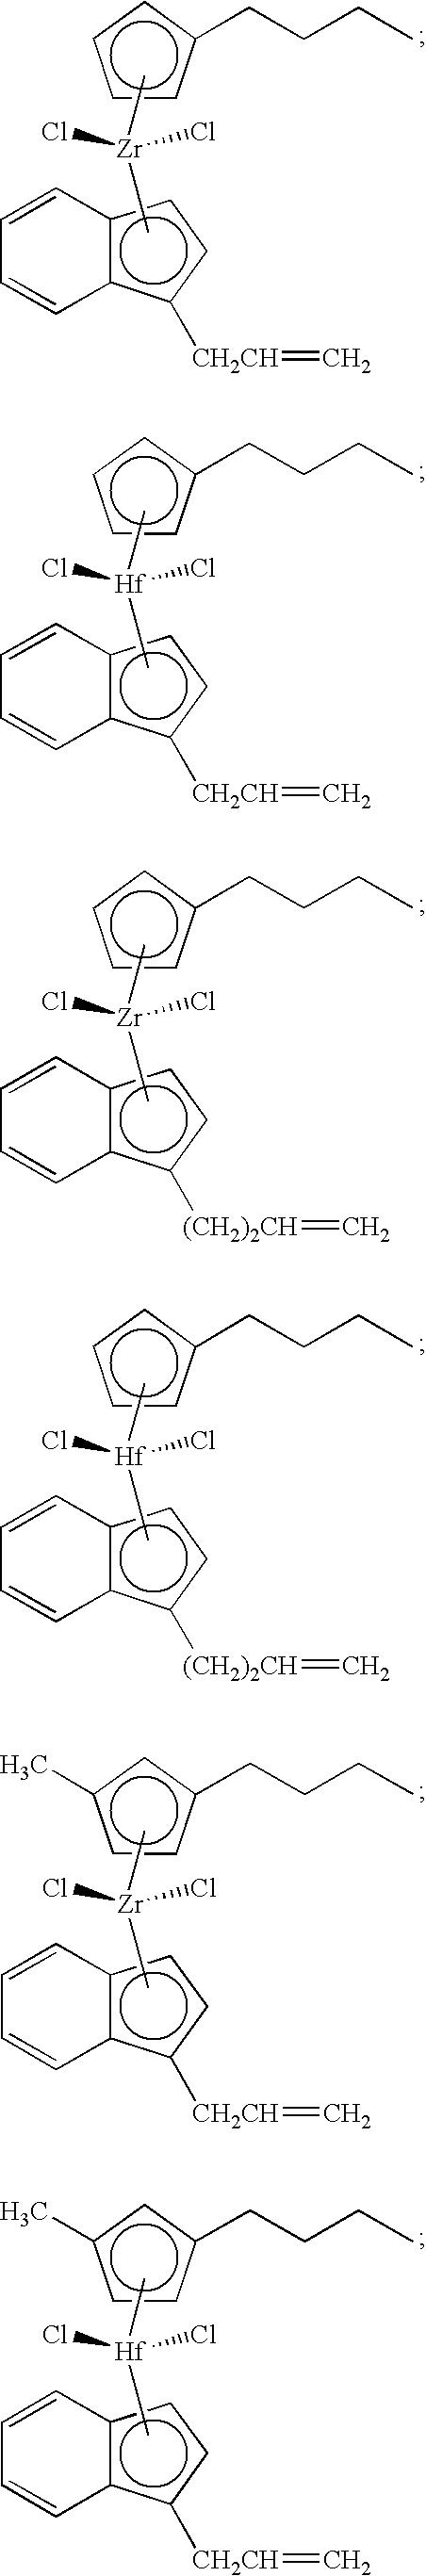 Figure US07884163-20110208-C00017